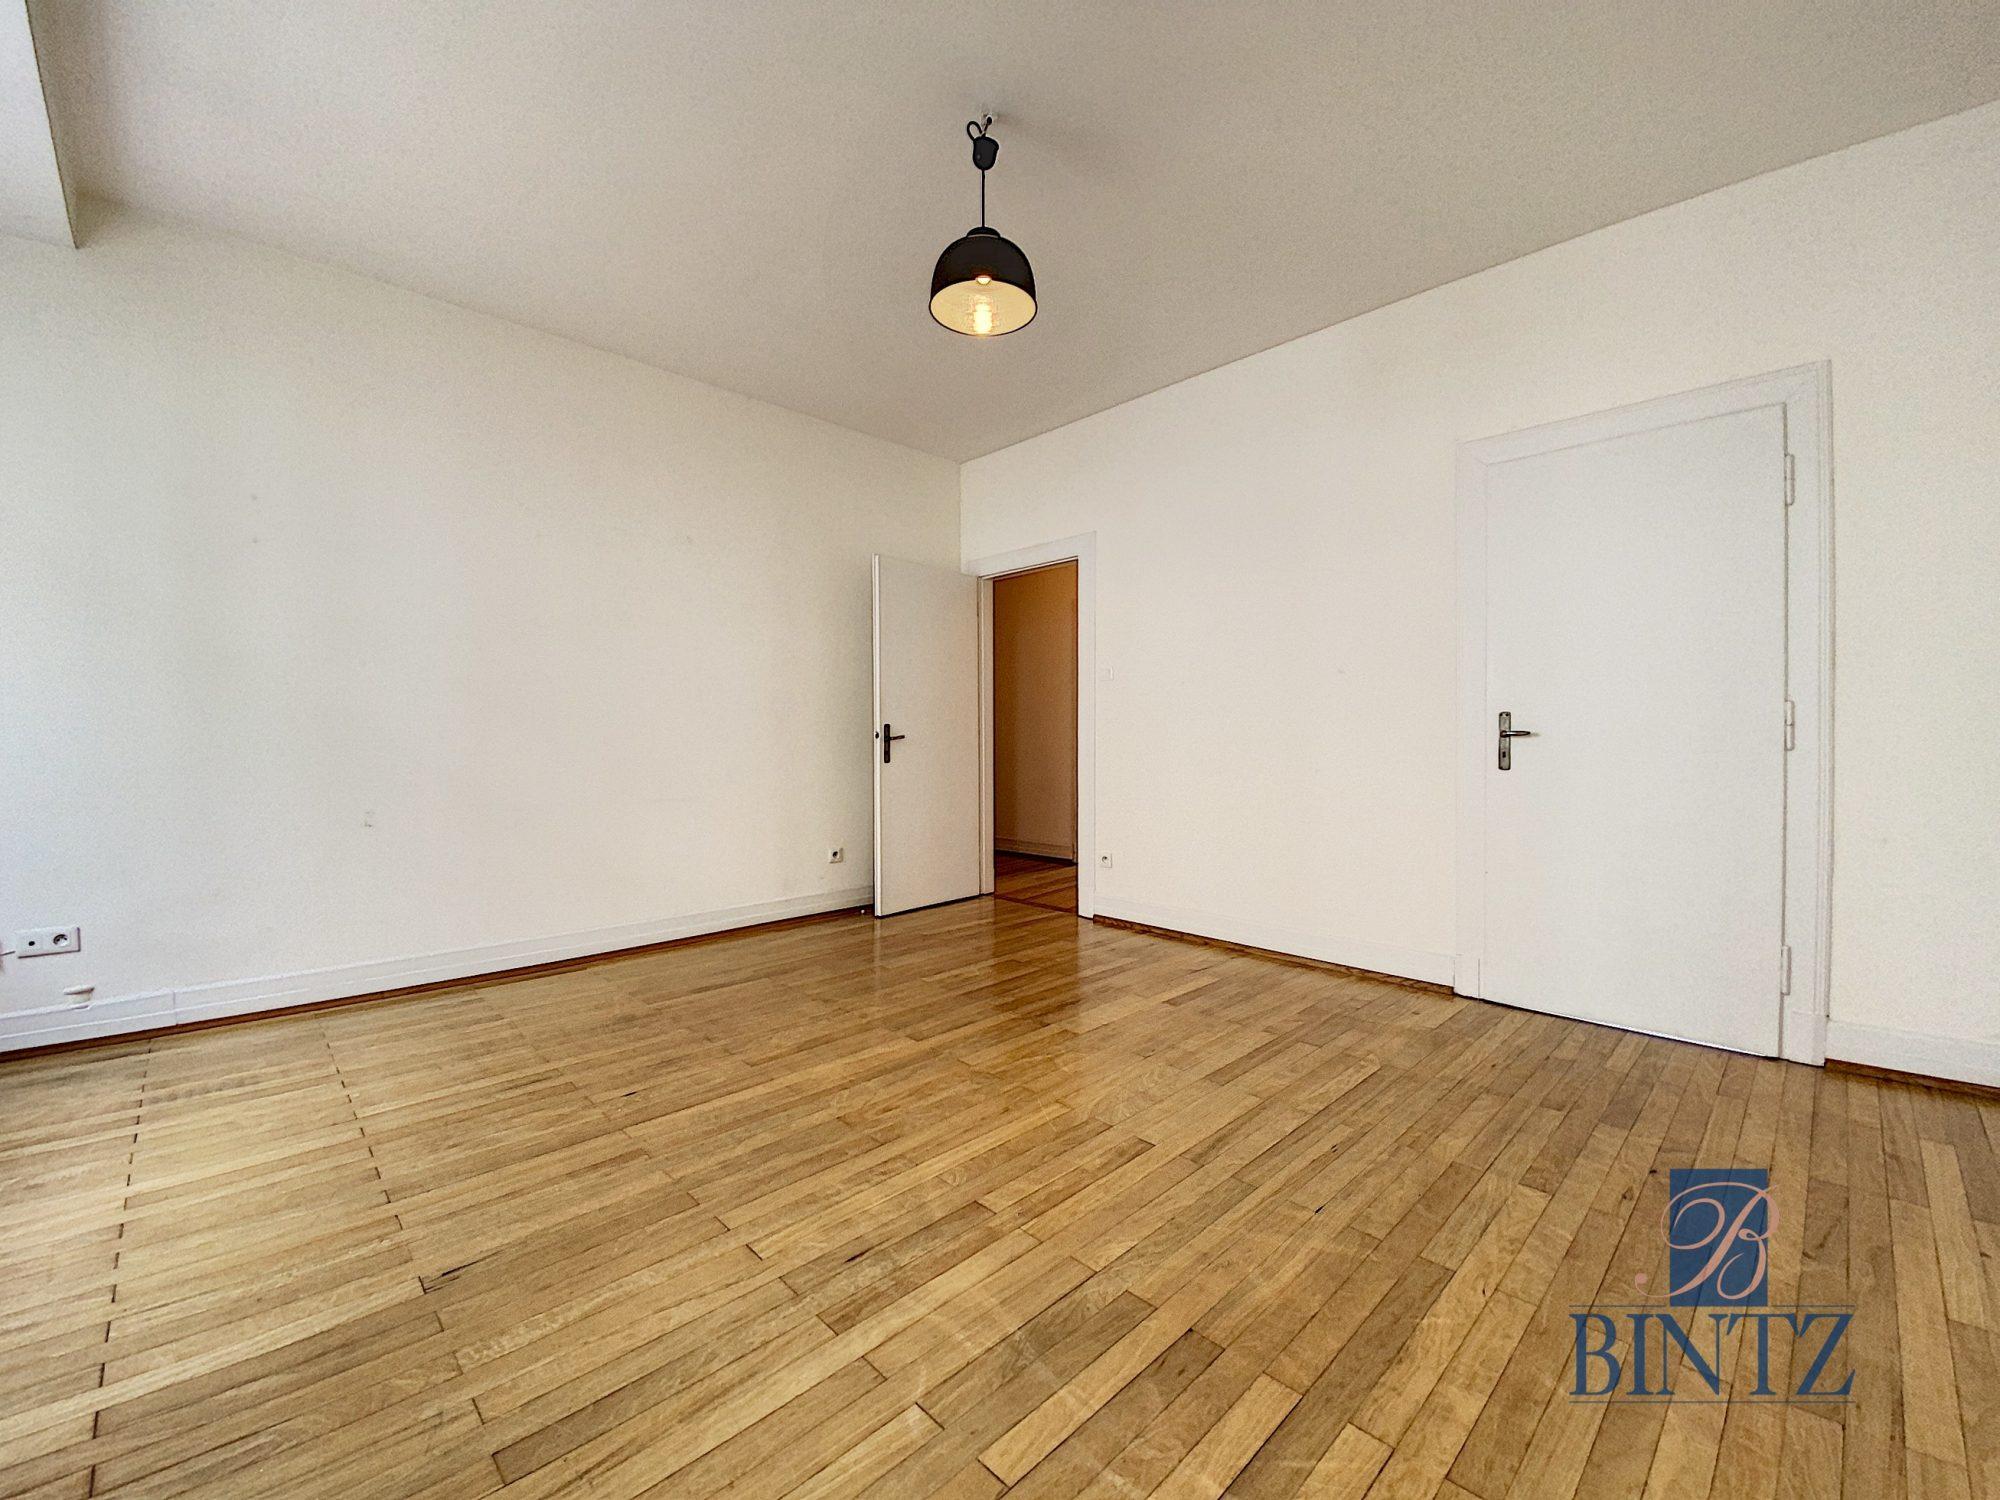 GRAND 2 PIÈCES KRUTENAU - Devenez locataire en toute sérénité - Bintz Immobilier - 6